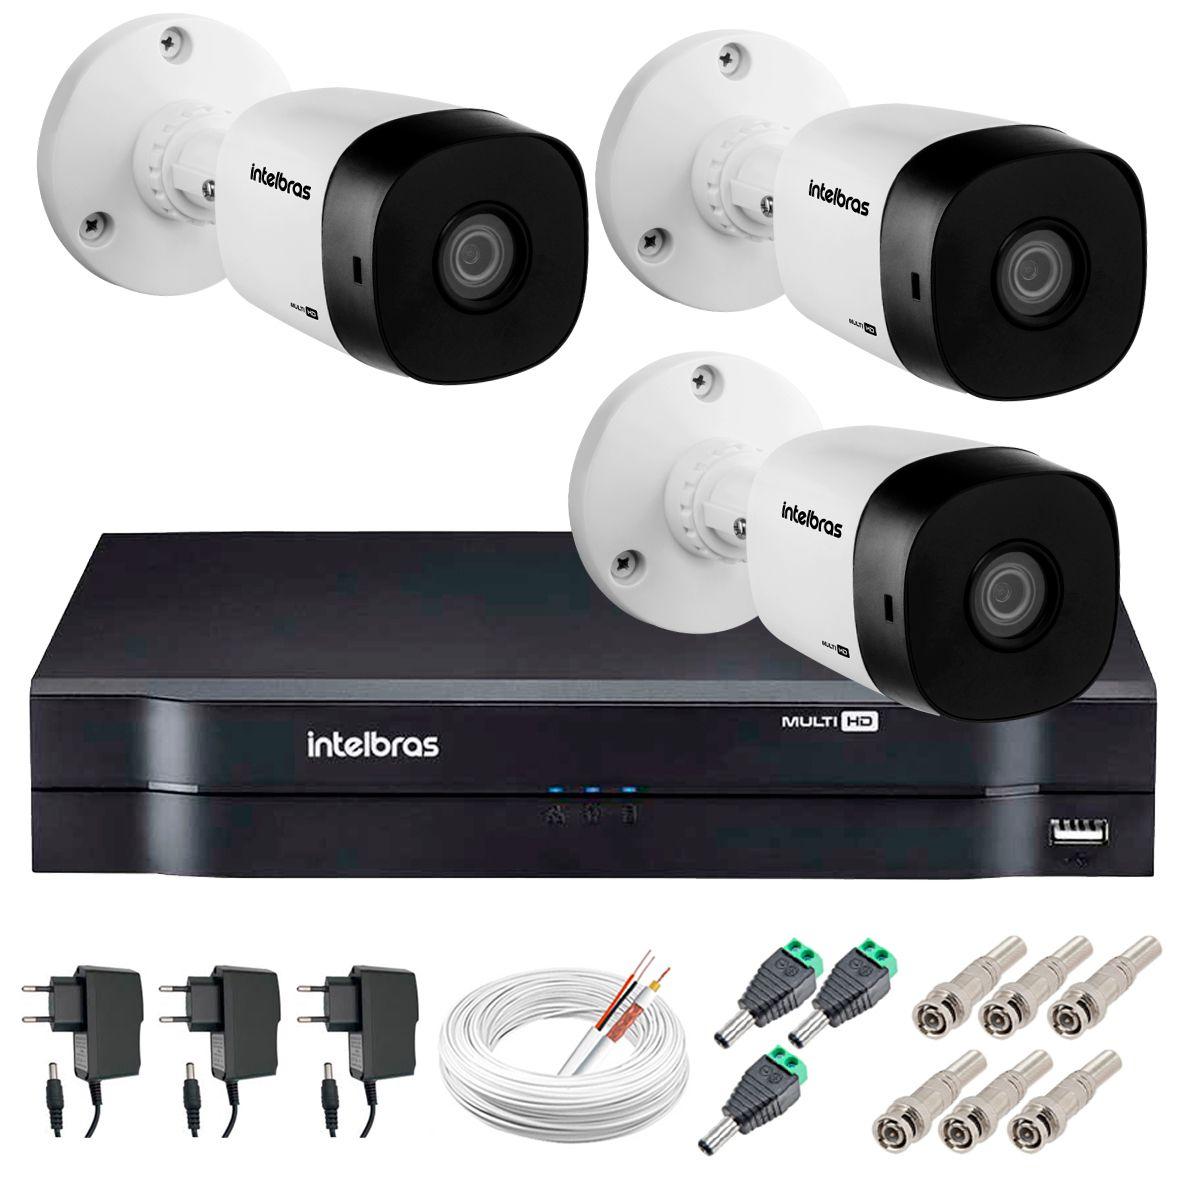 Kit 3 Câmeras VHD 1120 B G5 + DVR Intelbras + App Grátis de Monitoramento, Câmeras HD 720p 20m Infravermelho de Visão Noturna Intelbras + Fonte, Cabos e Acessórios  - Tudo Forte